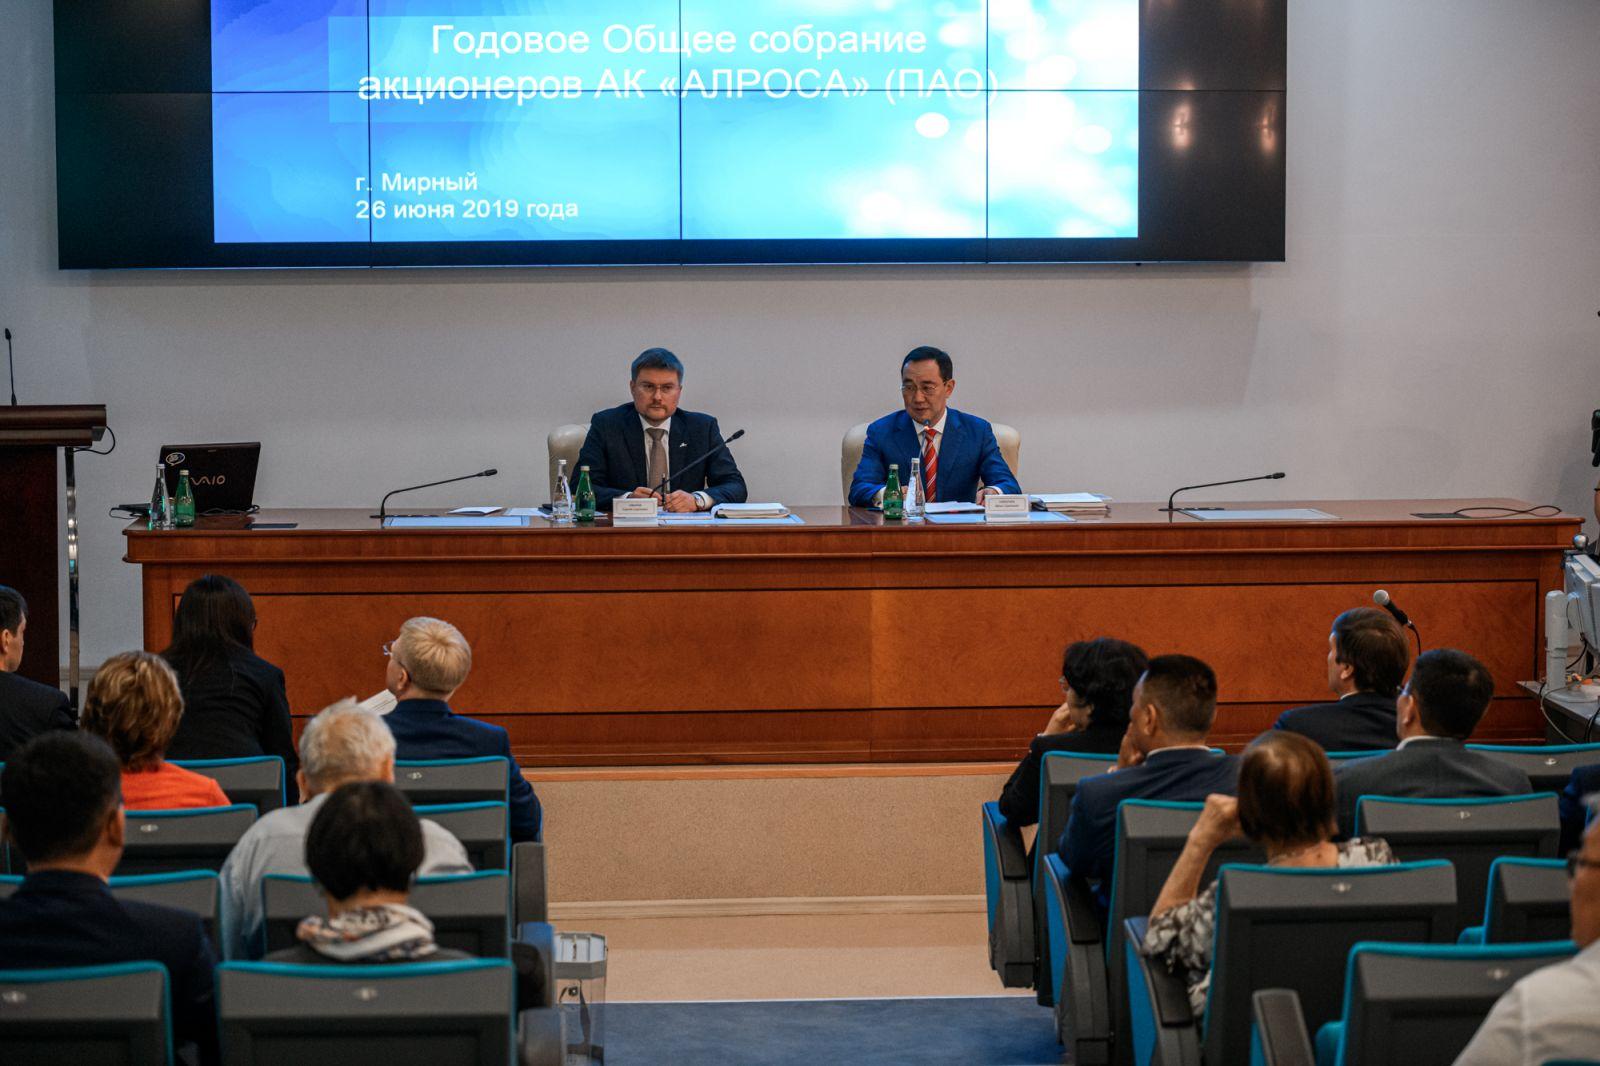 Айсен Николаев провел годовое общее собрание акционеров «АЛРОСА»